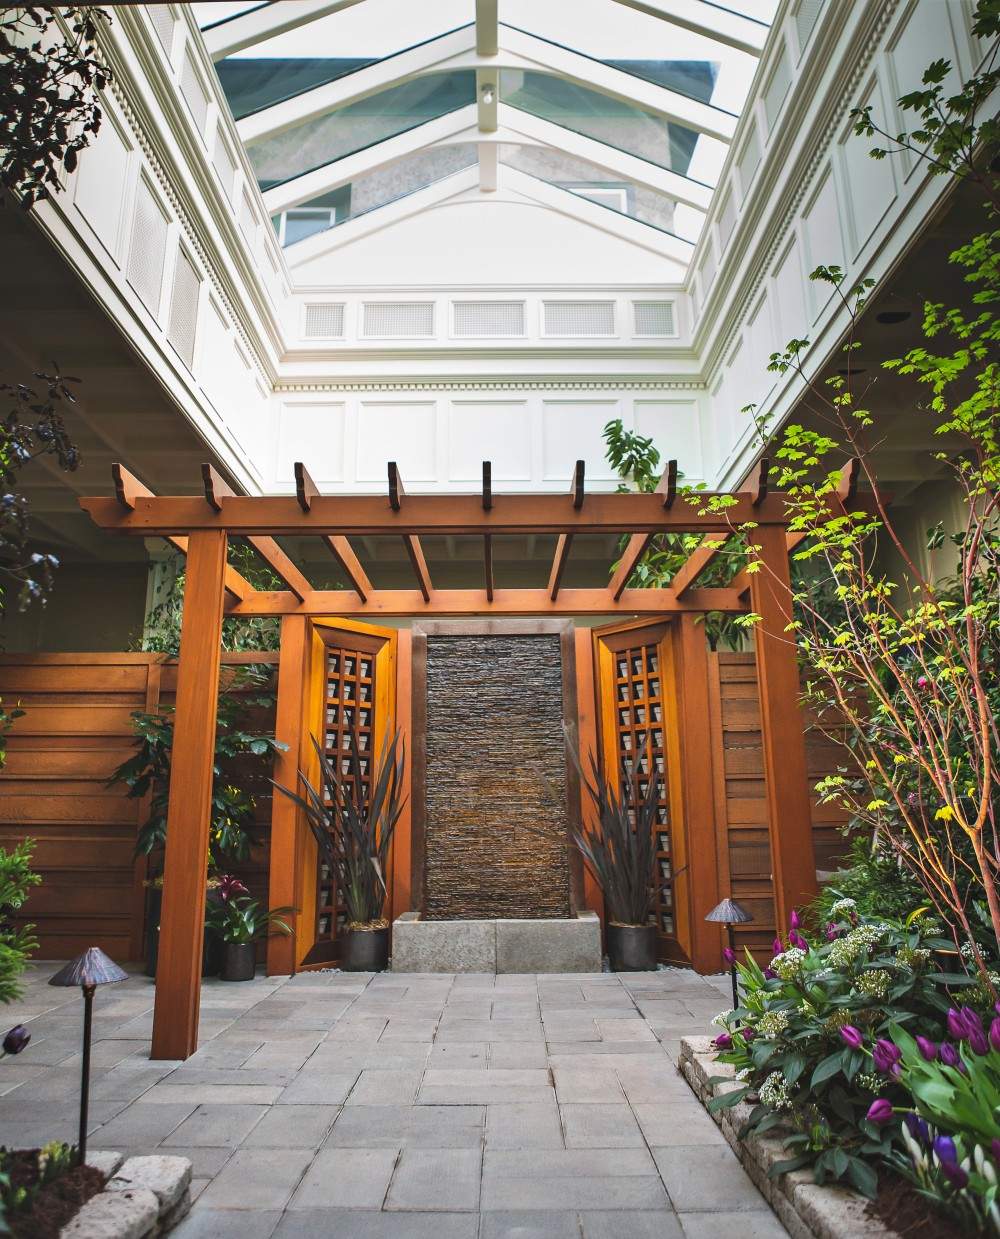 Indoor Wedding Ceremony Victoria Bc: The Butchart Gardens